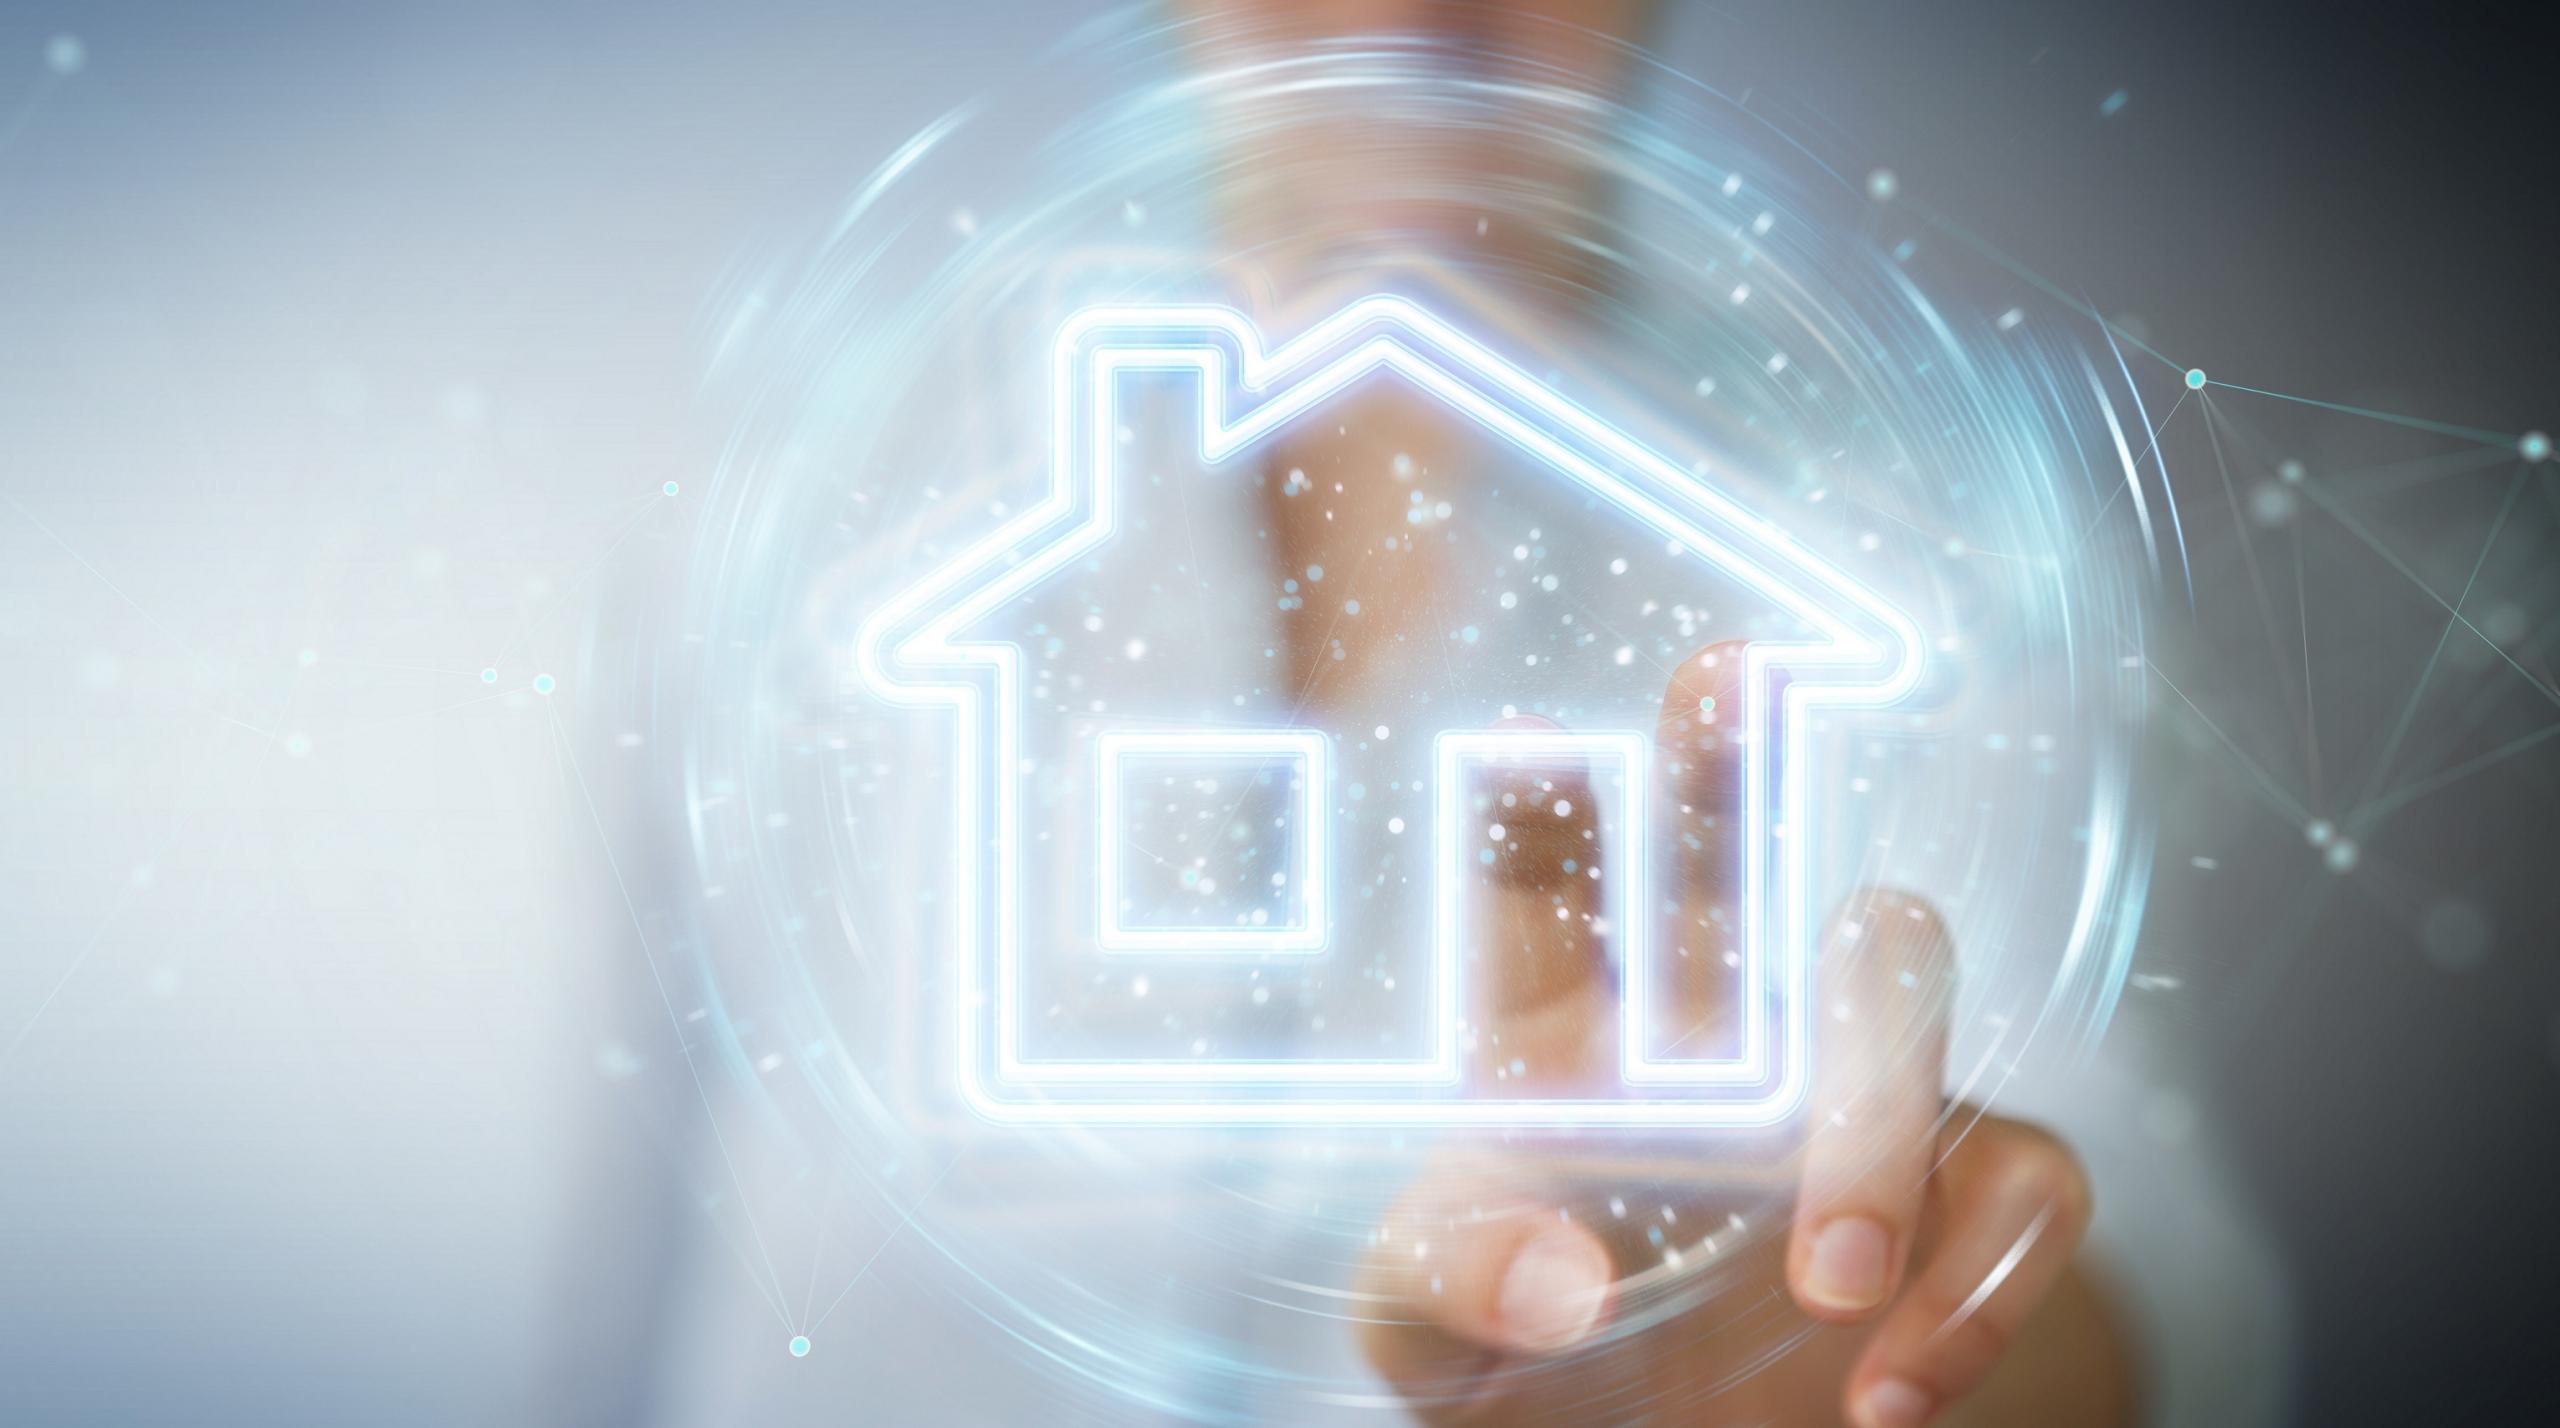 Veritran y η!Transformers se unen para lanzar una nueva solución hipotecaria de autoservicio digital